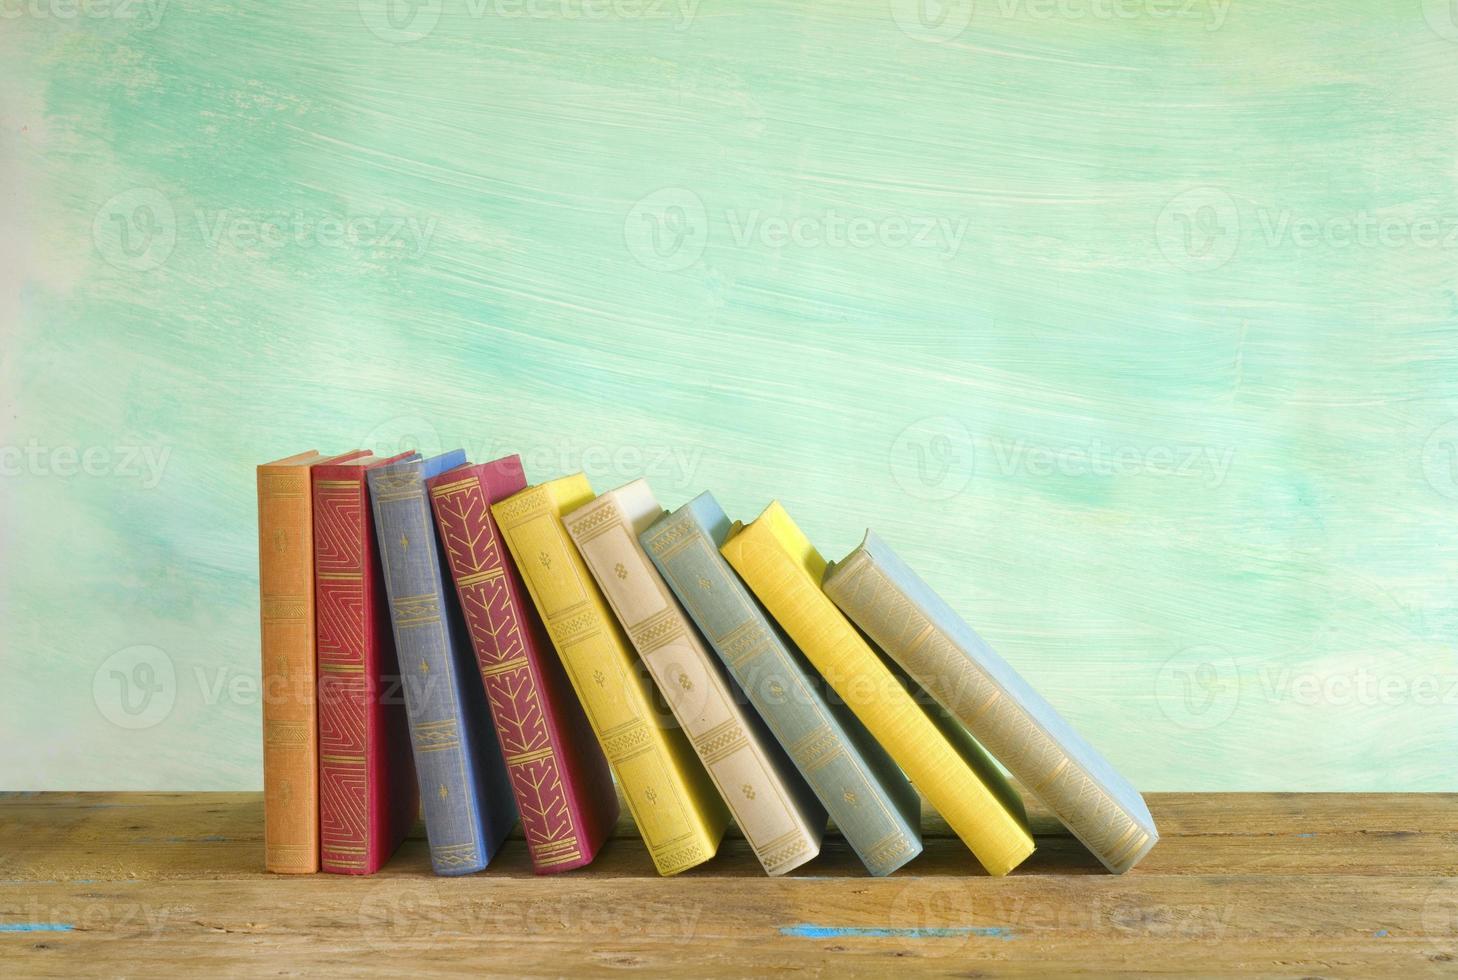 linha de livros, fundo sujo, cópia livre espaço foto